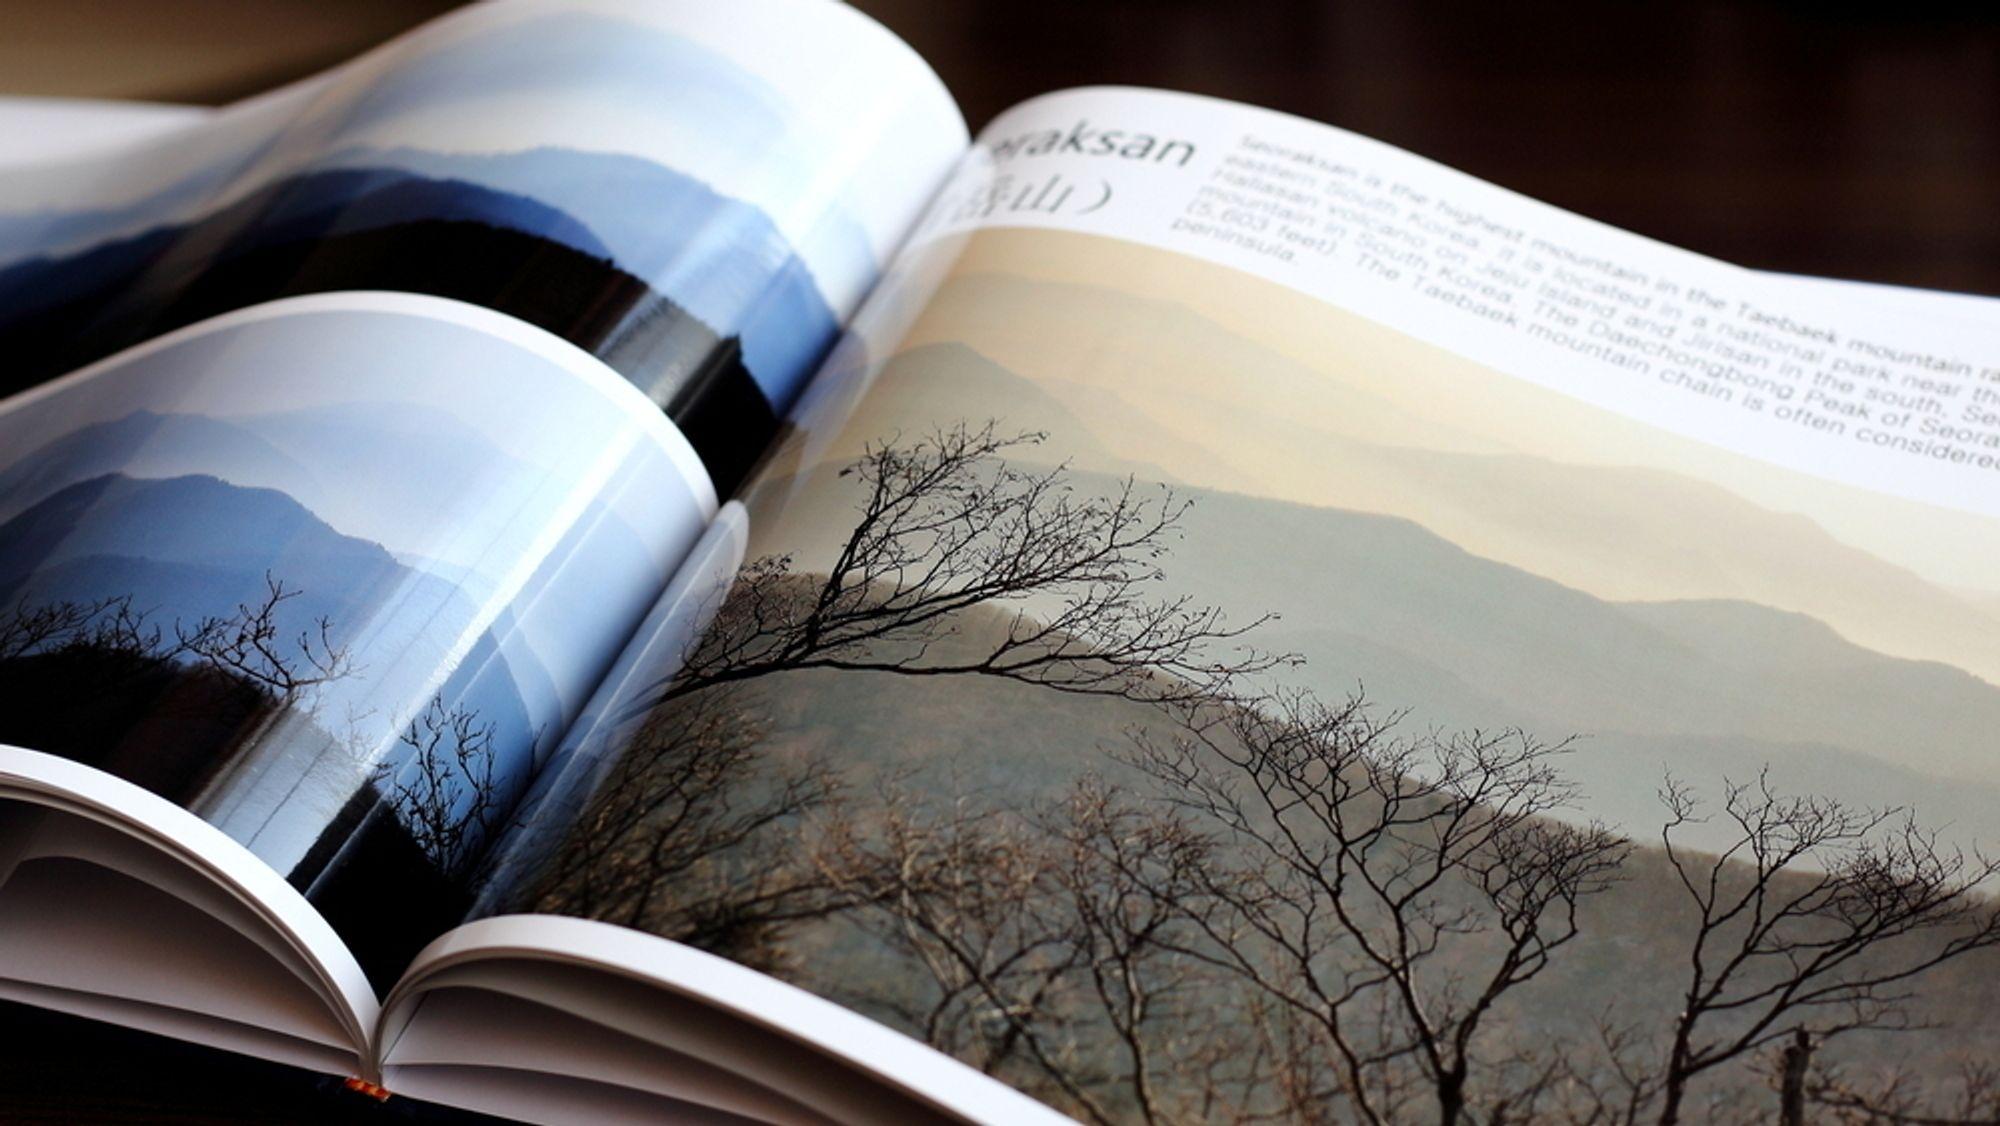 Vis frem bildene dine med en fotobok